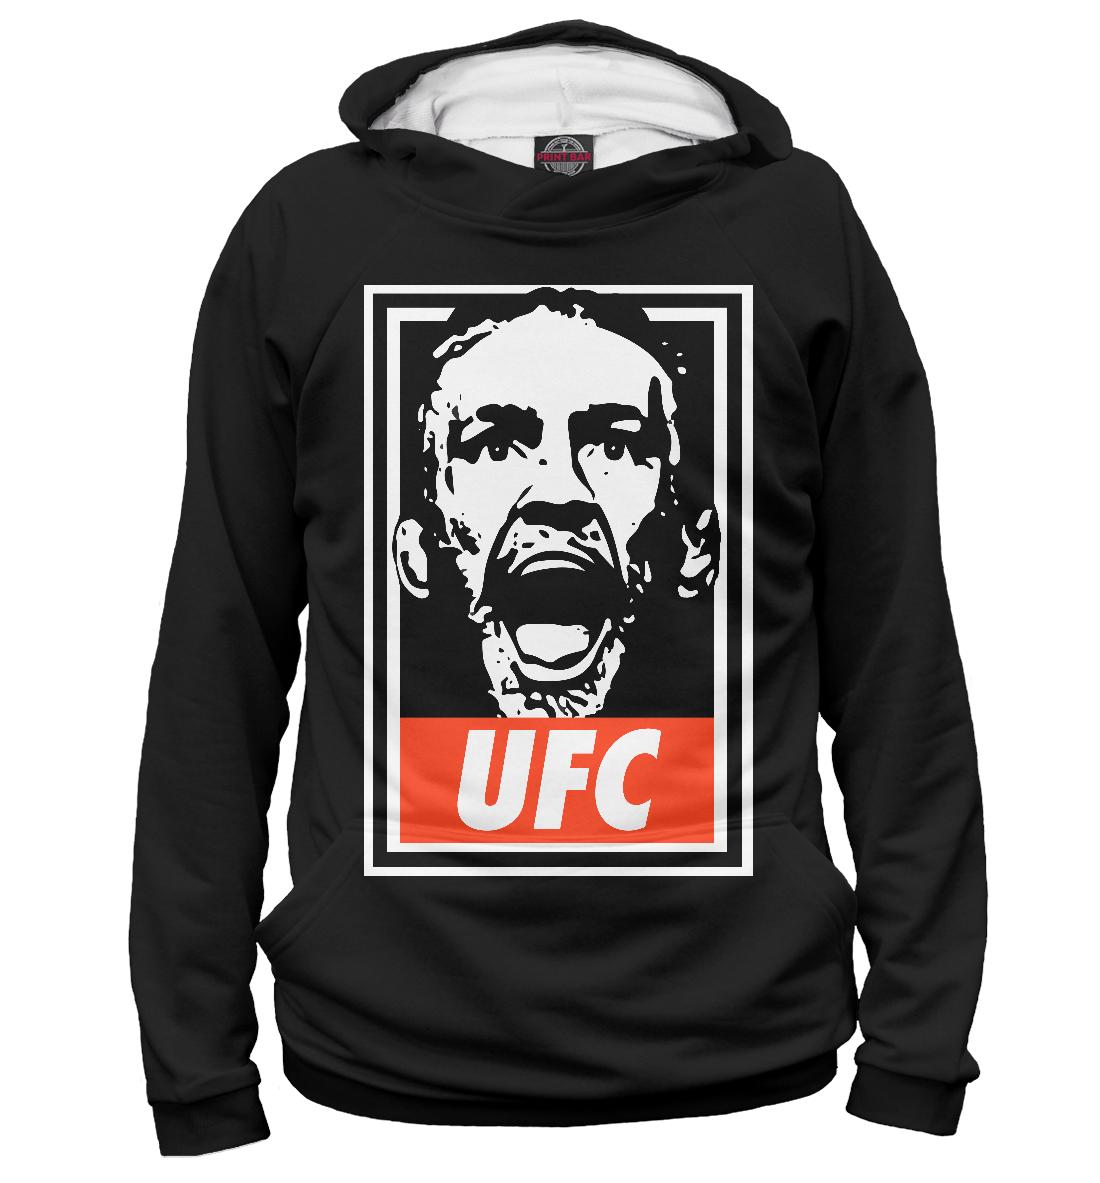 Купить UFC Obey Conor McGregor, Printbar, Худи, MCG-812157-hud-1